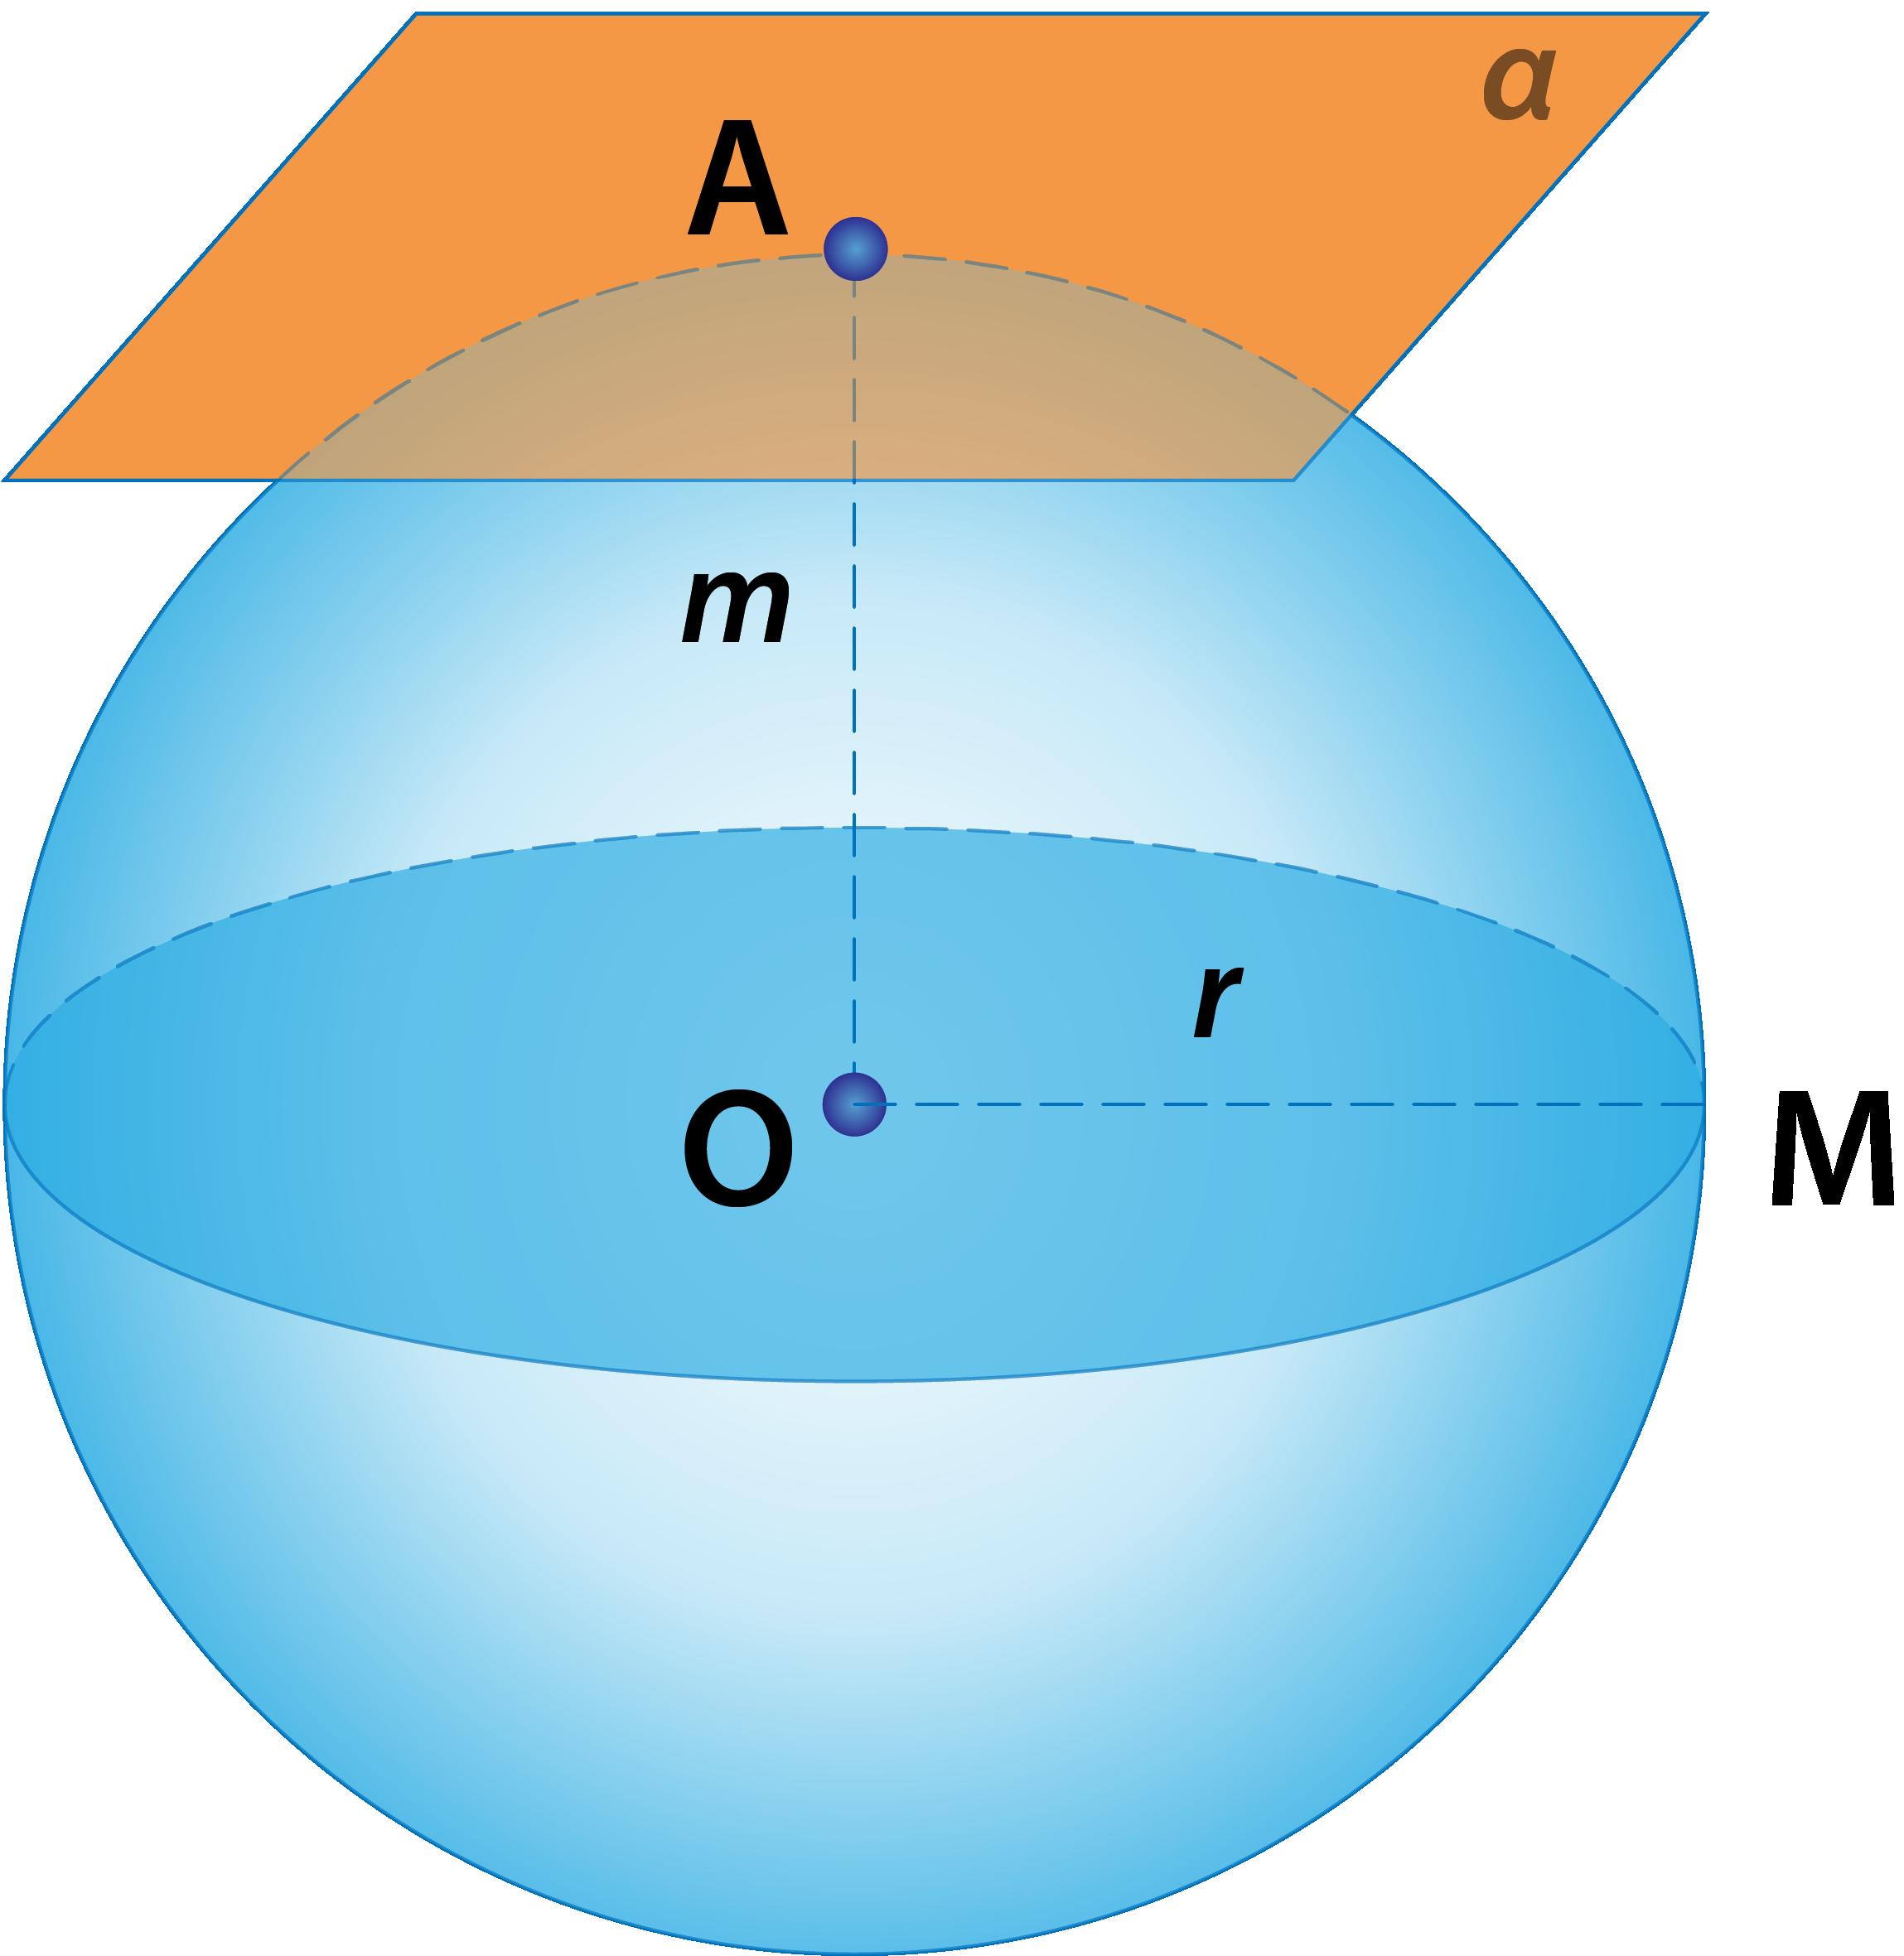 шар (сфера) и плоскость имеют единственную общую точку